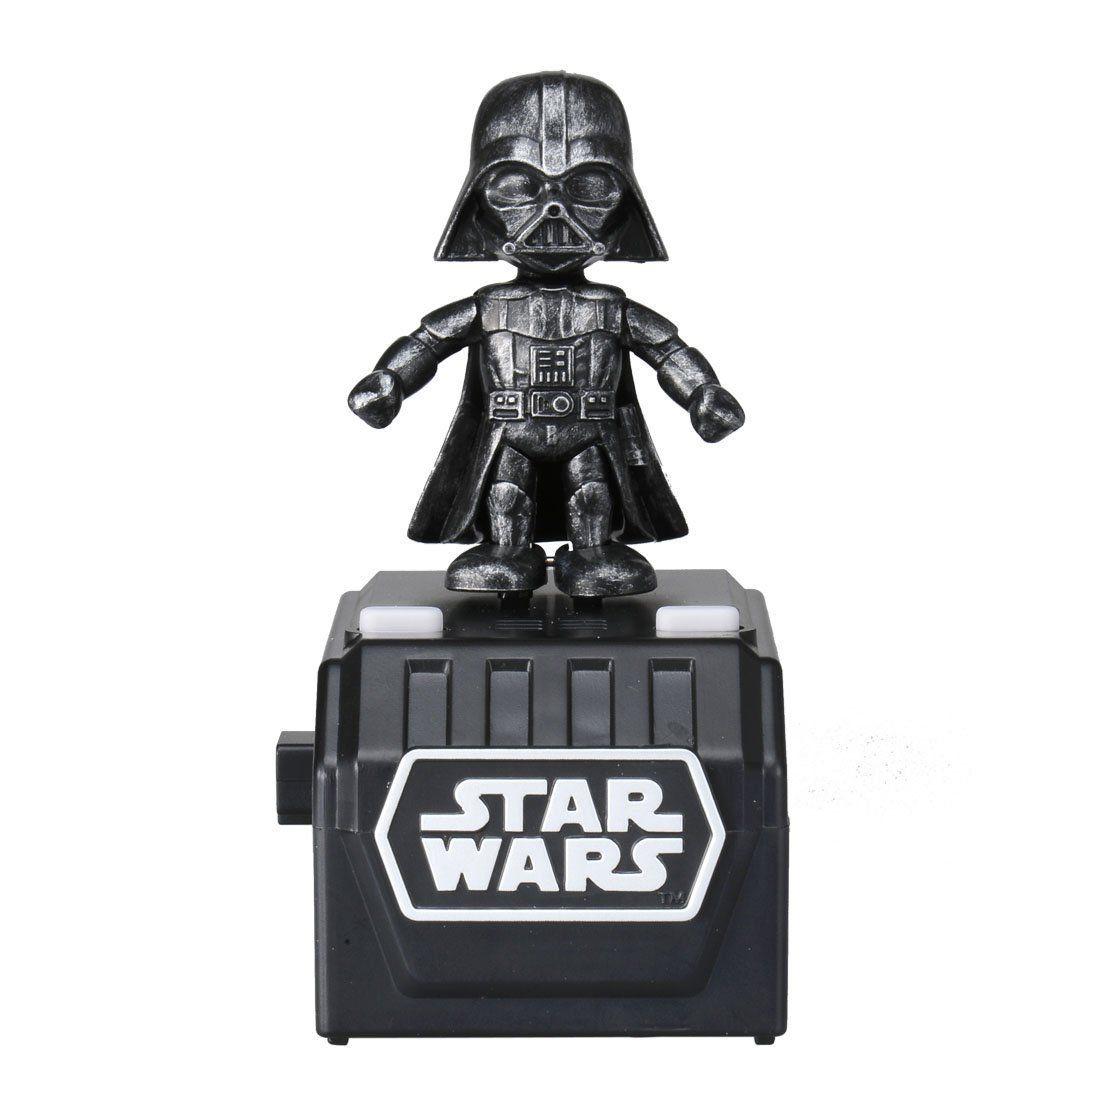 Star Wars Space Opera Metálico Darth Vader Eléctrico Marzo